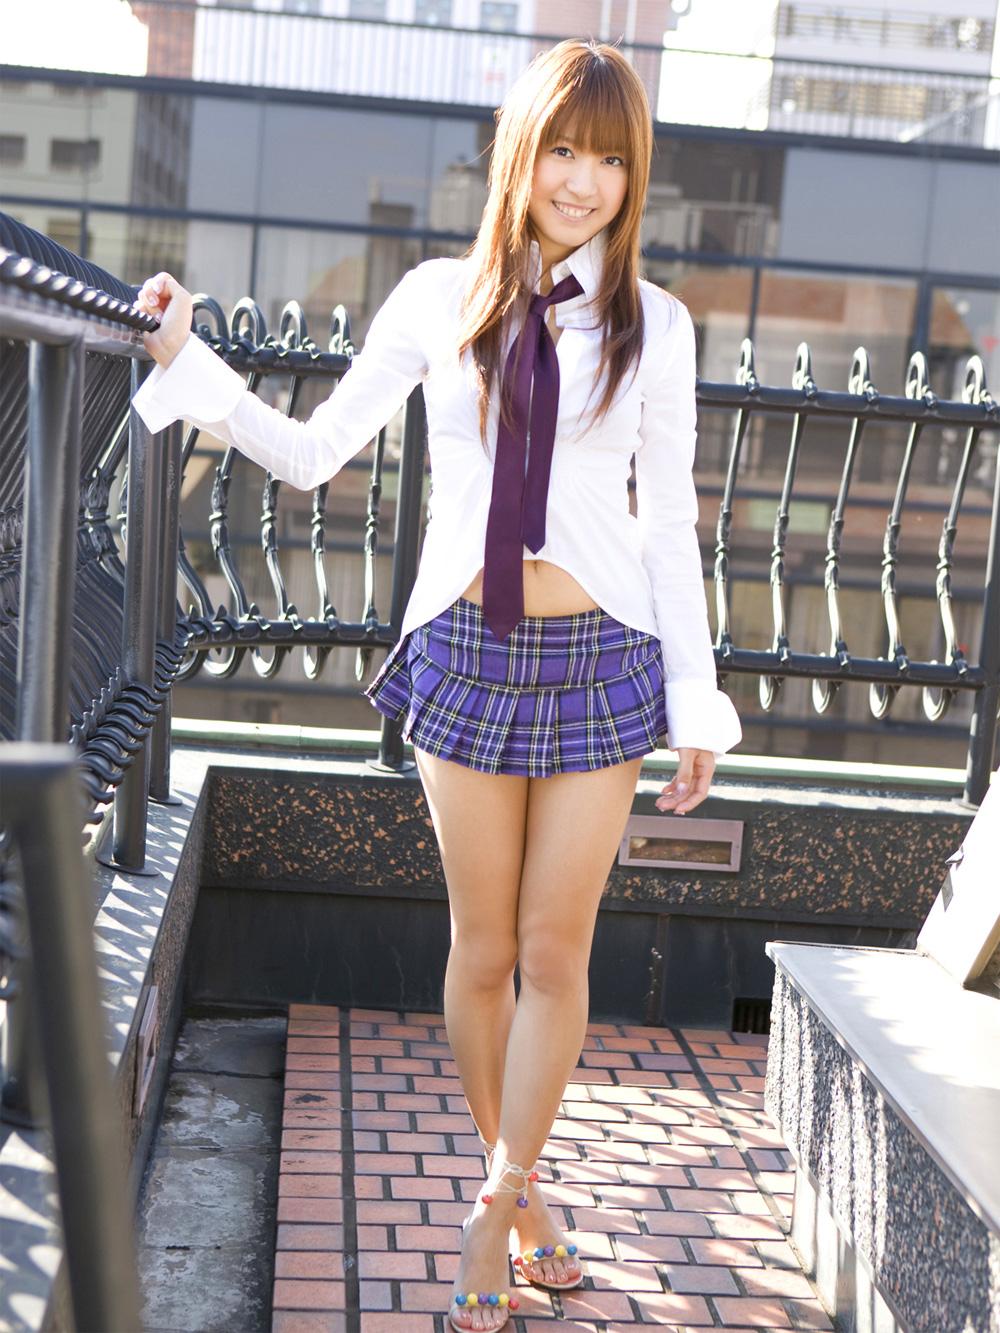 【AKB】大島麻衣【巨乳NO1☆】YouTube動画>3本 ニコニコ動画>1本 ->画像>546枚